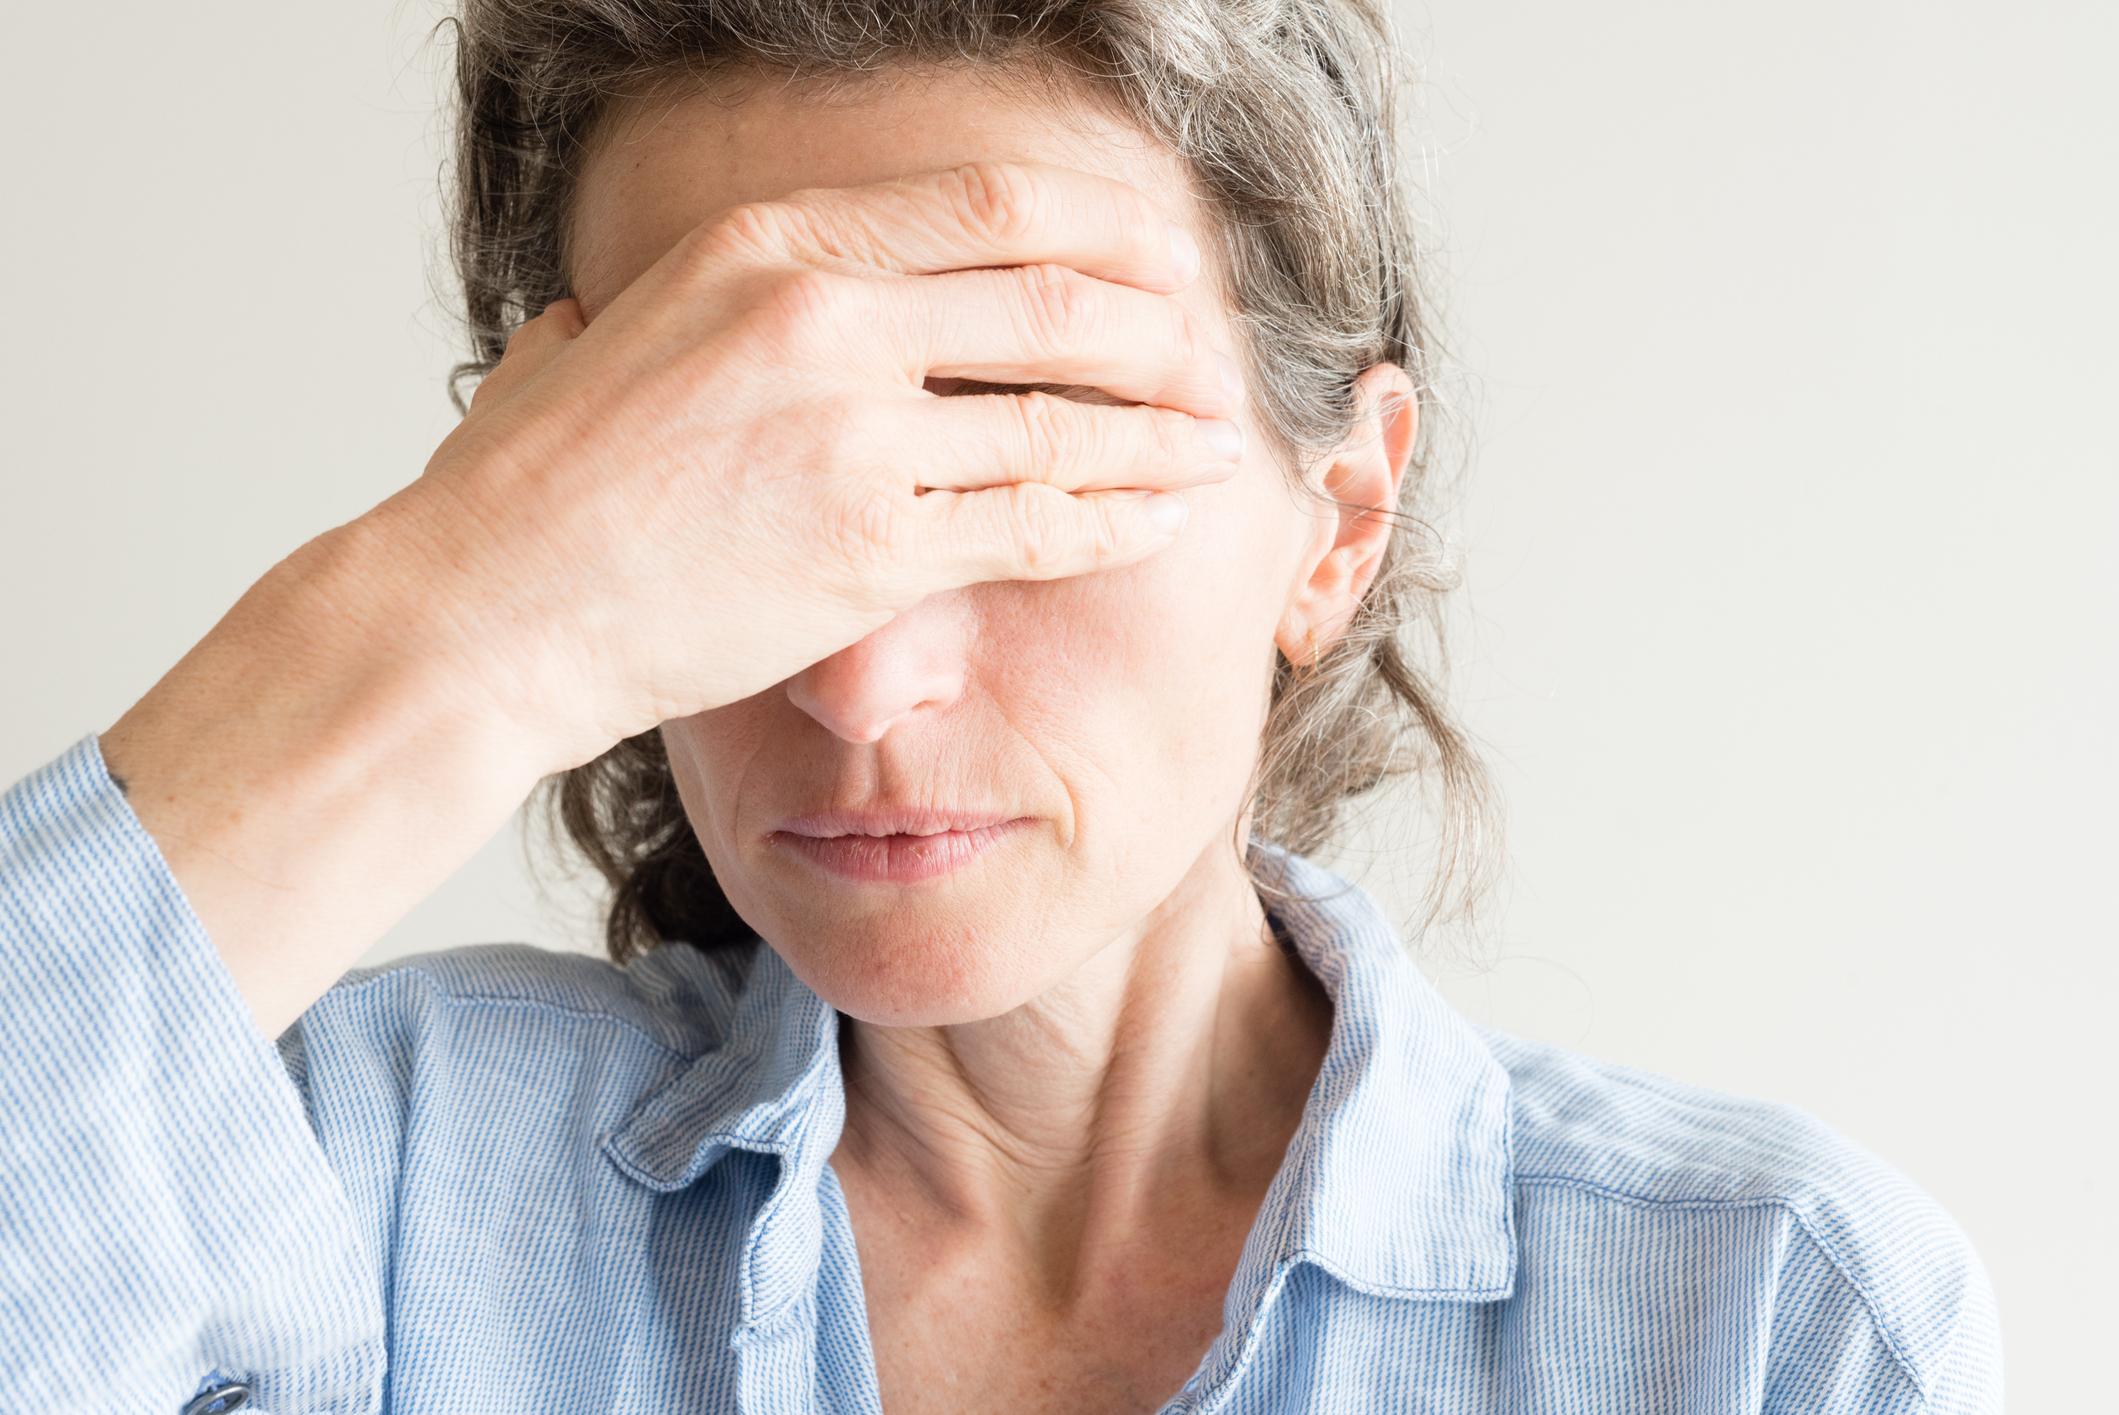 Mi áll a korai magömlés pszichés hátterében?